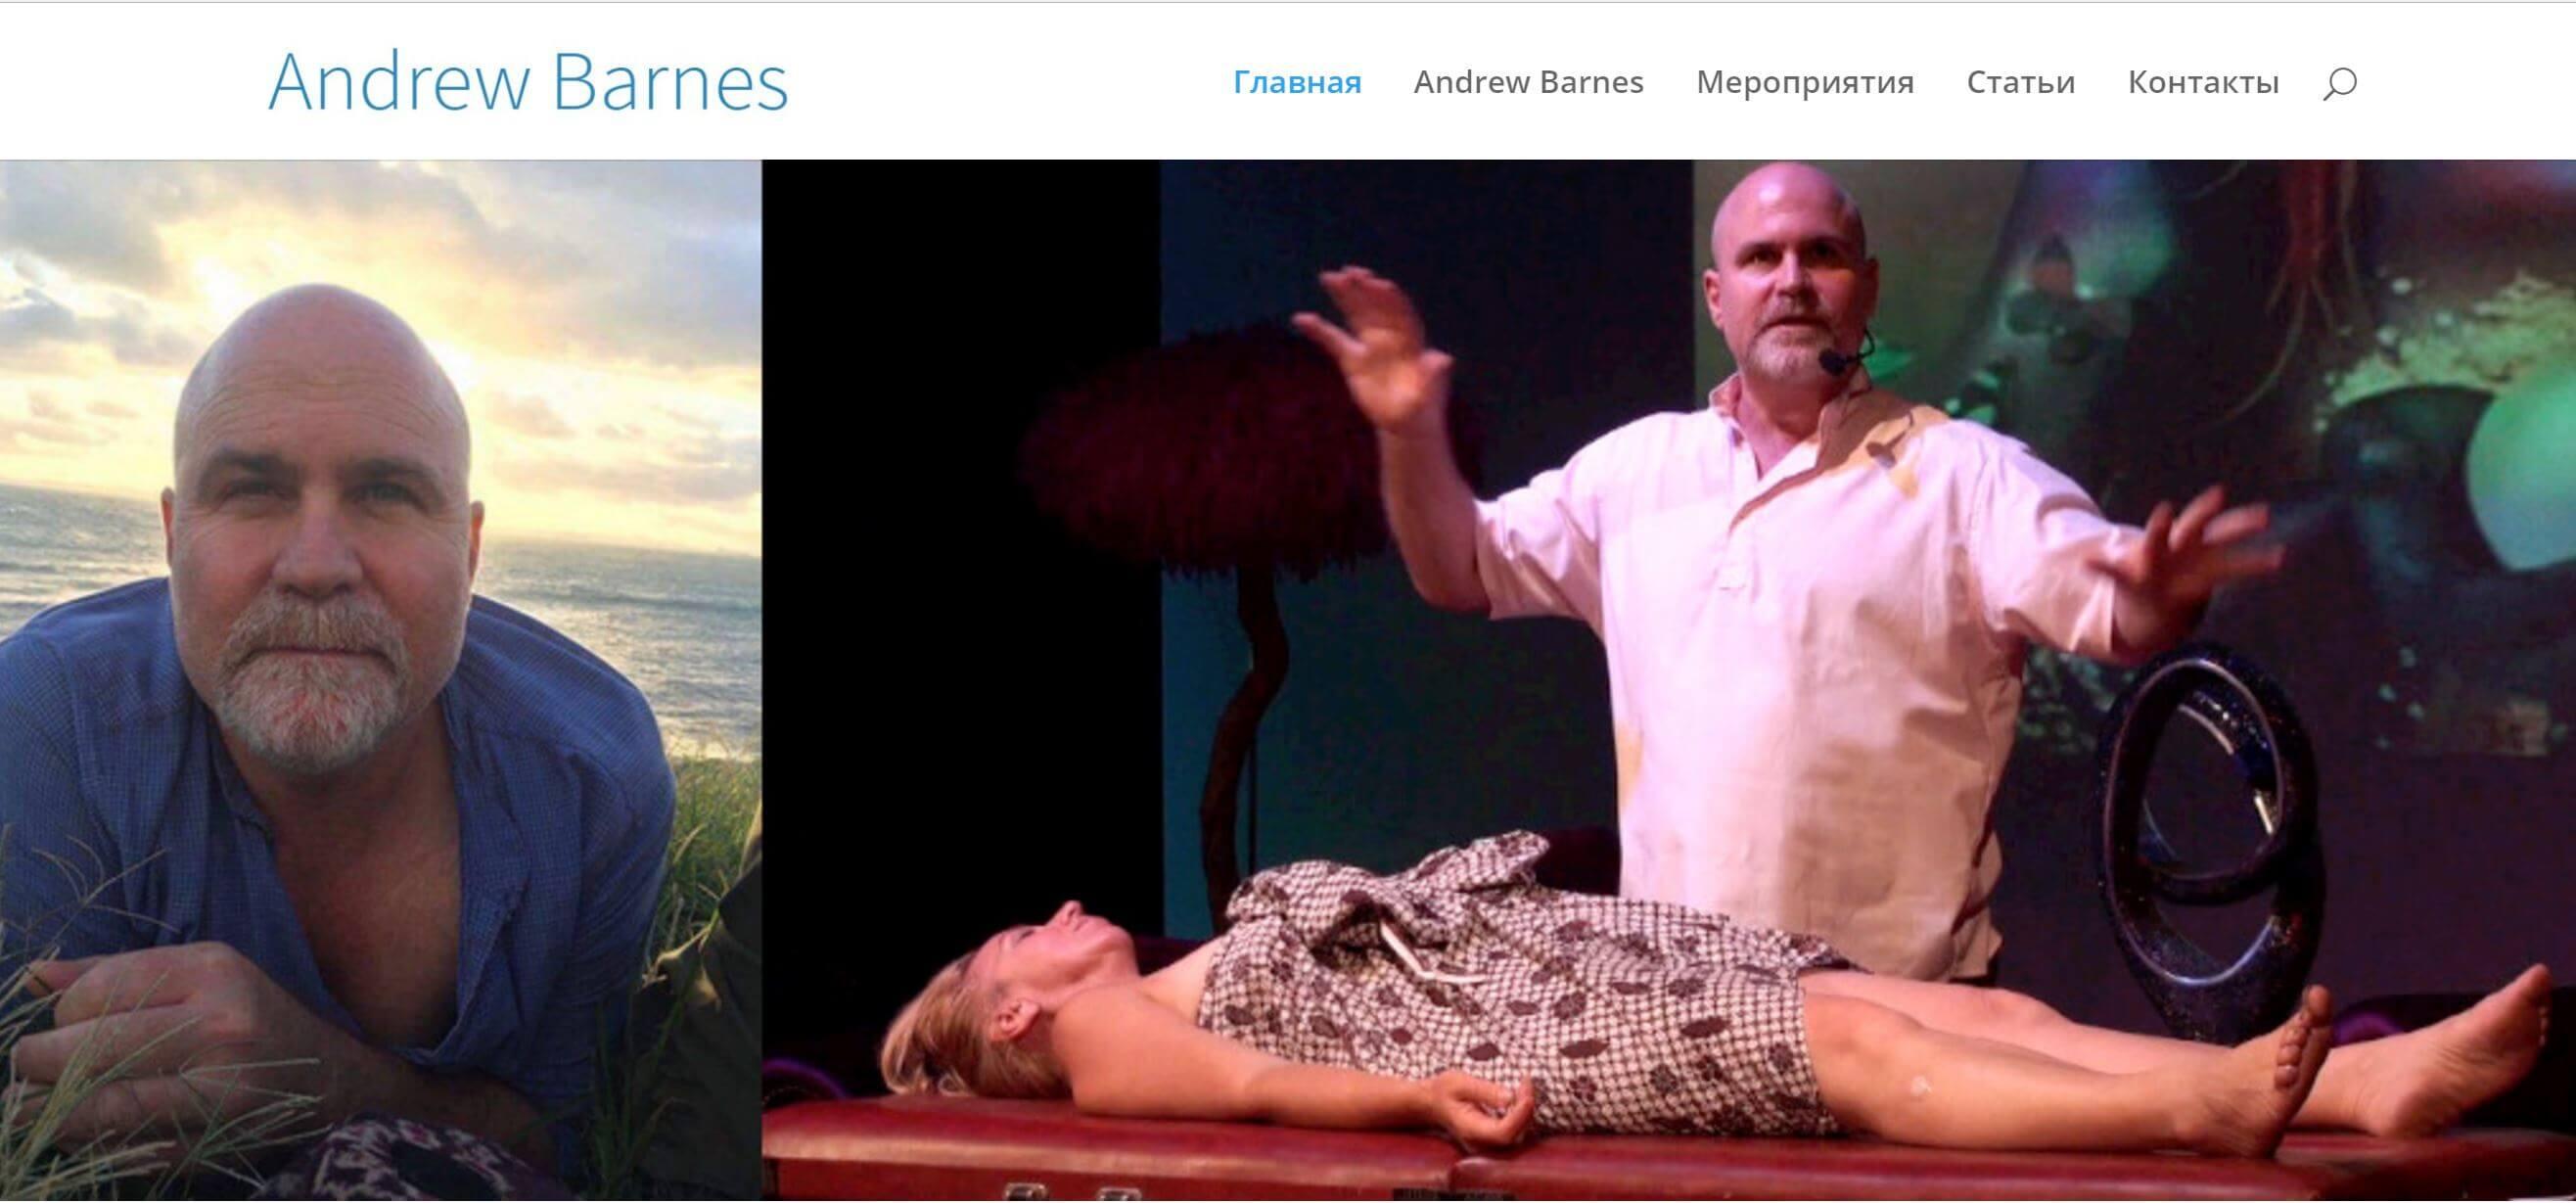 Webstránka Andrew Barnes